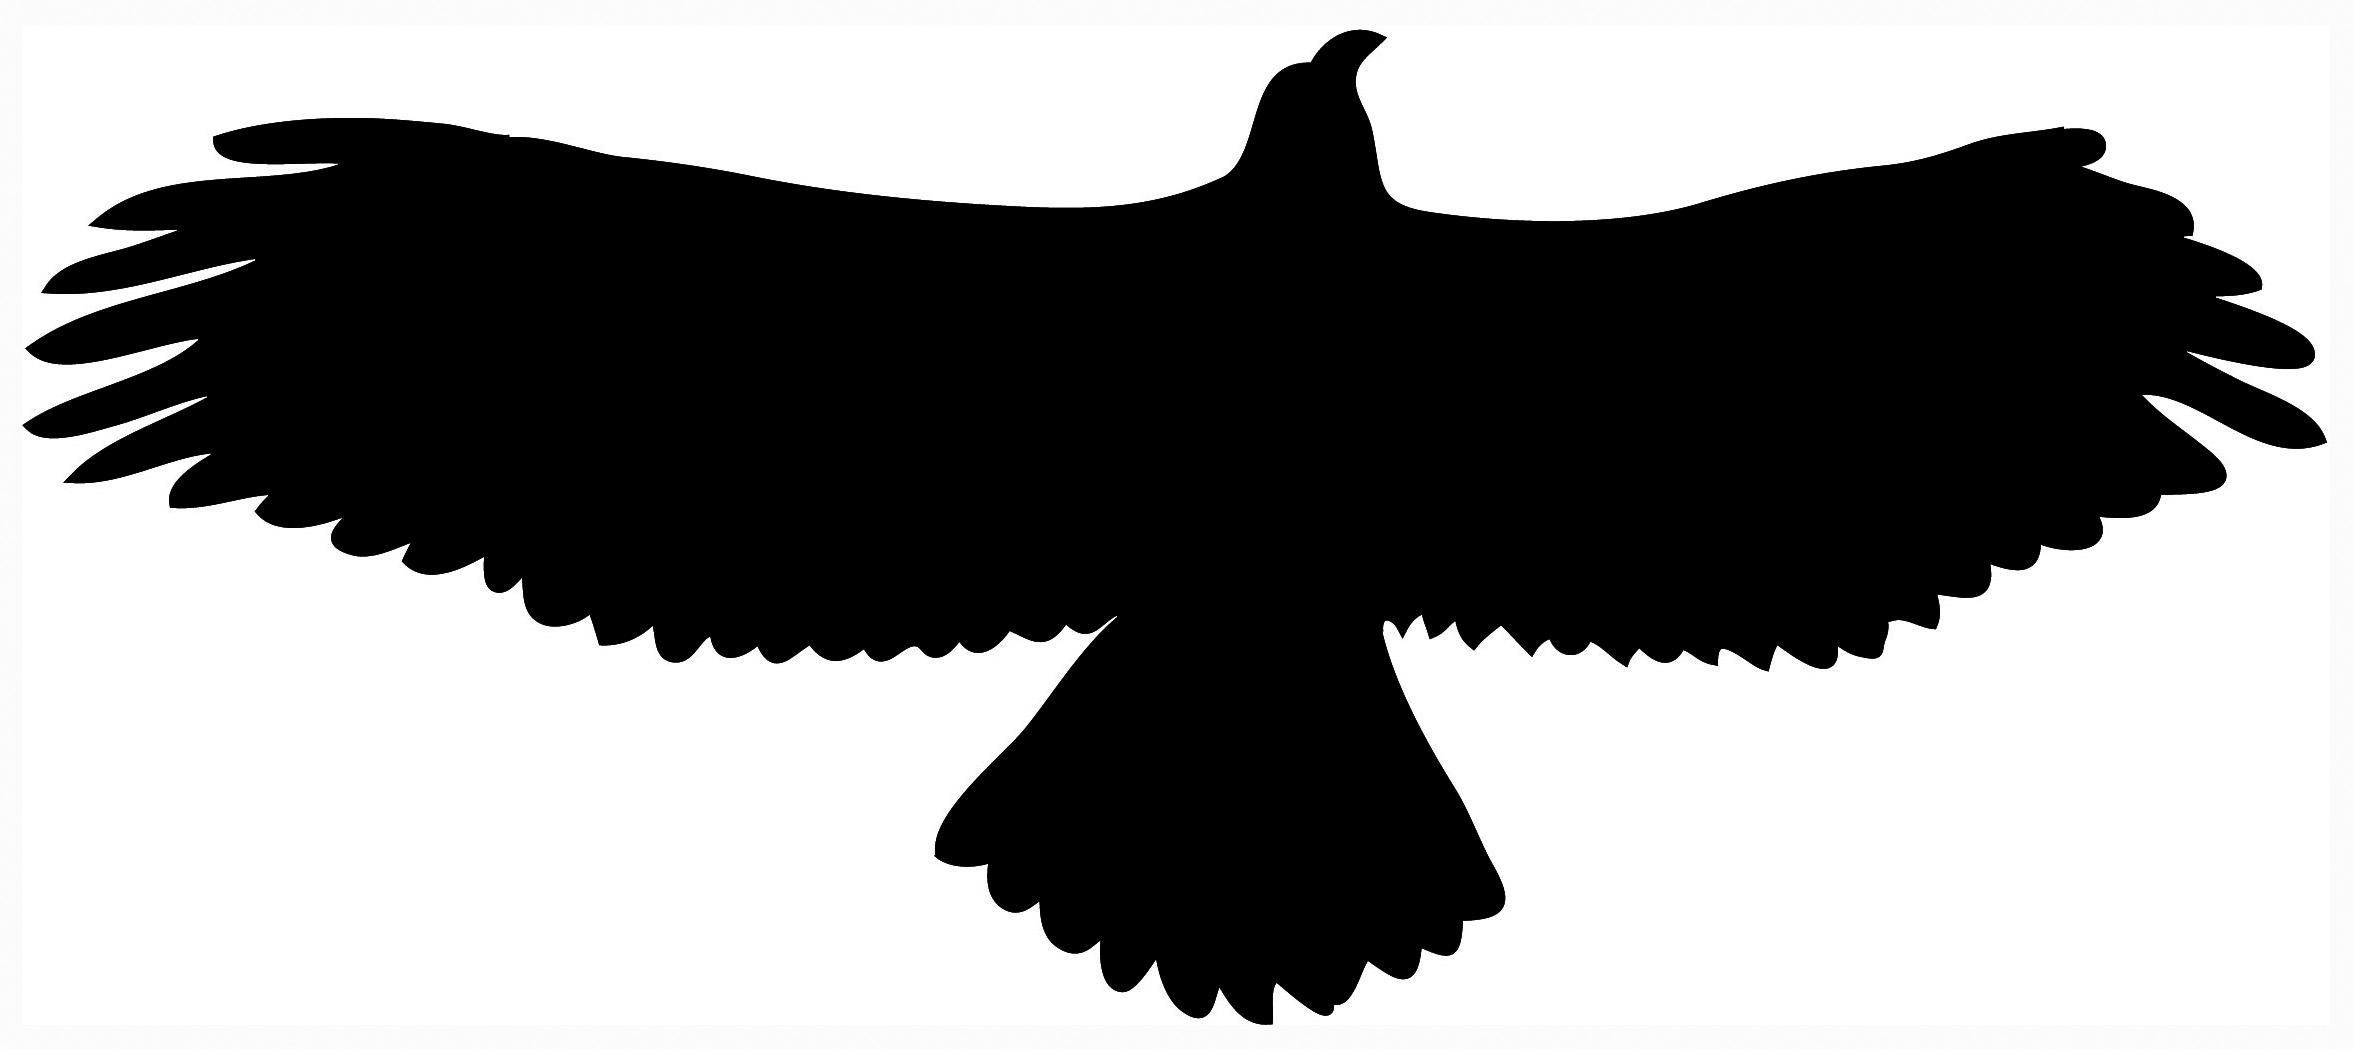 Bald Eagle clipart hawk Art Clip Image Top 93